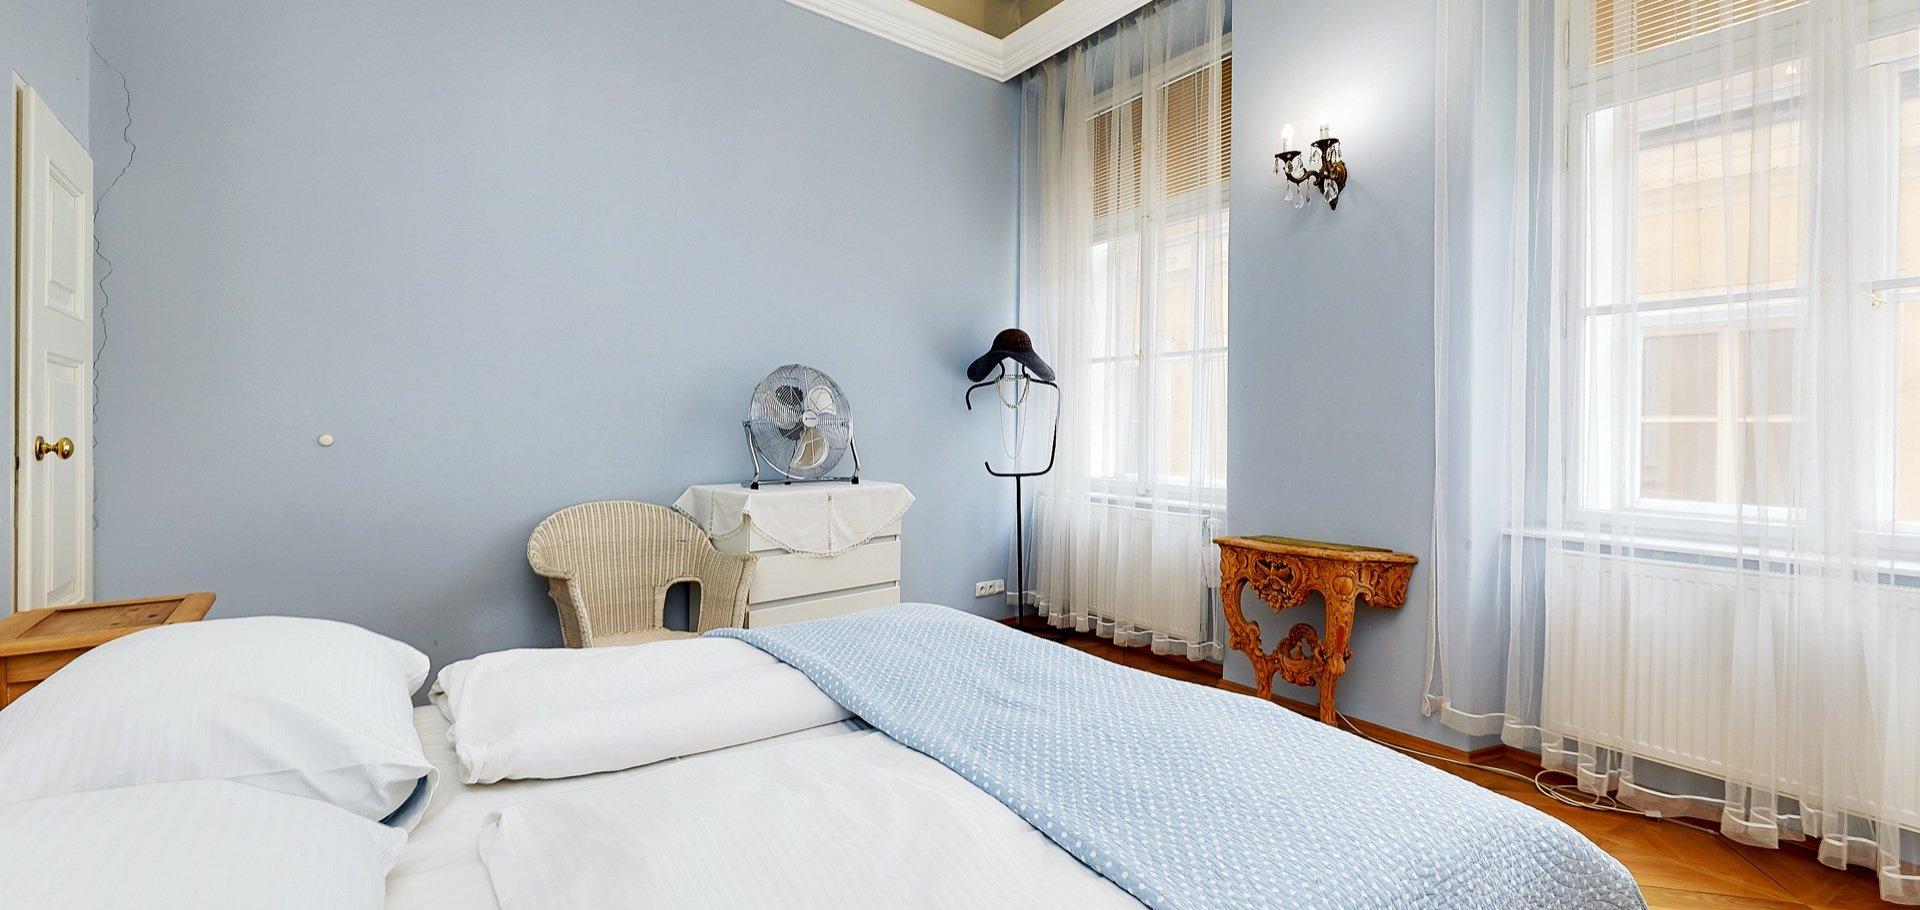 Prodej bytu 2+1, 55 m² - Liliová ul., Praha - Staré Město